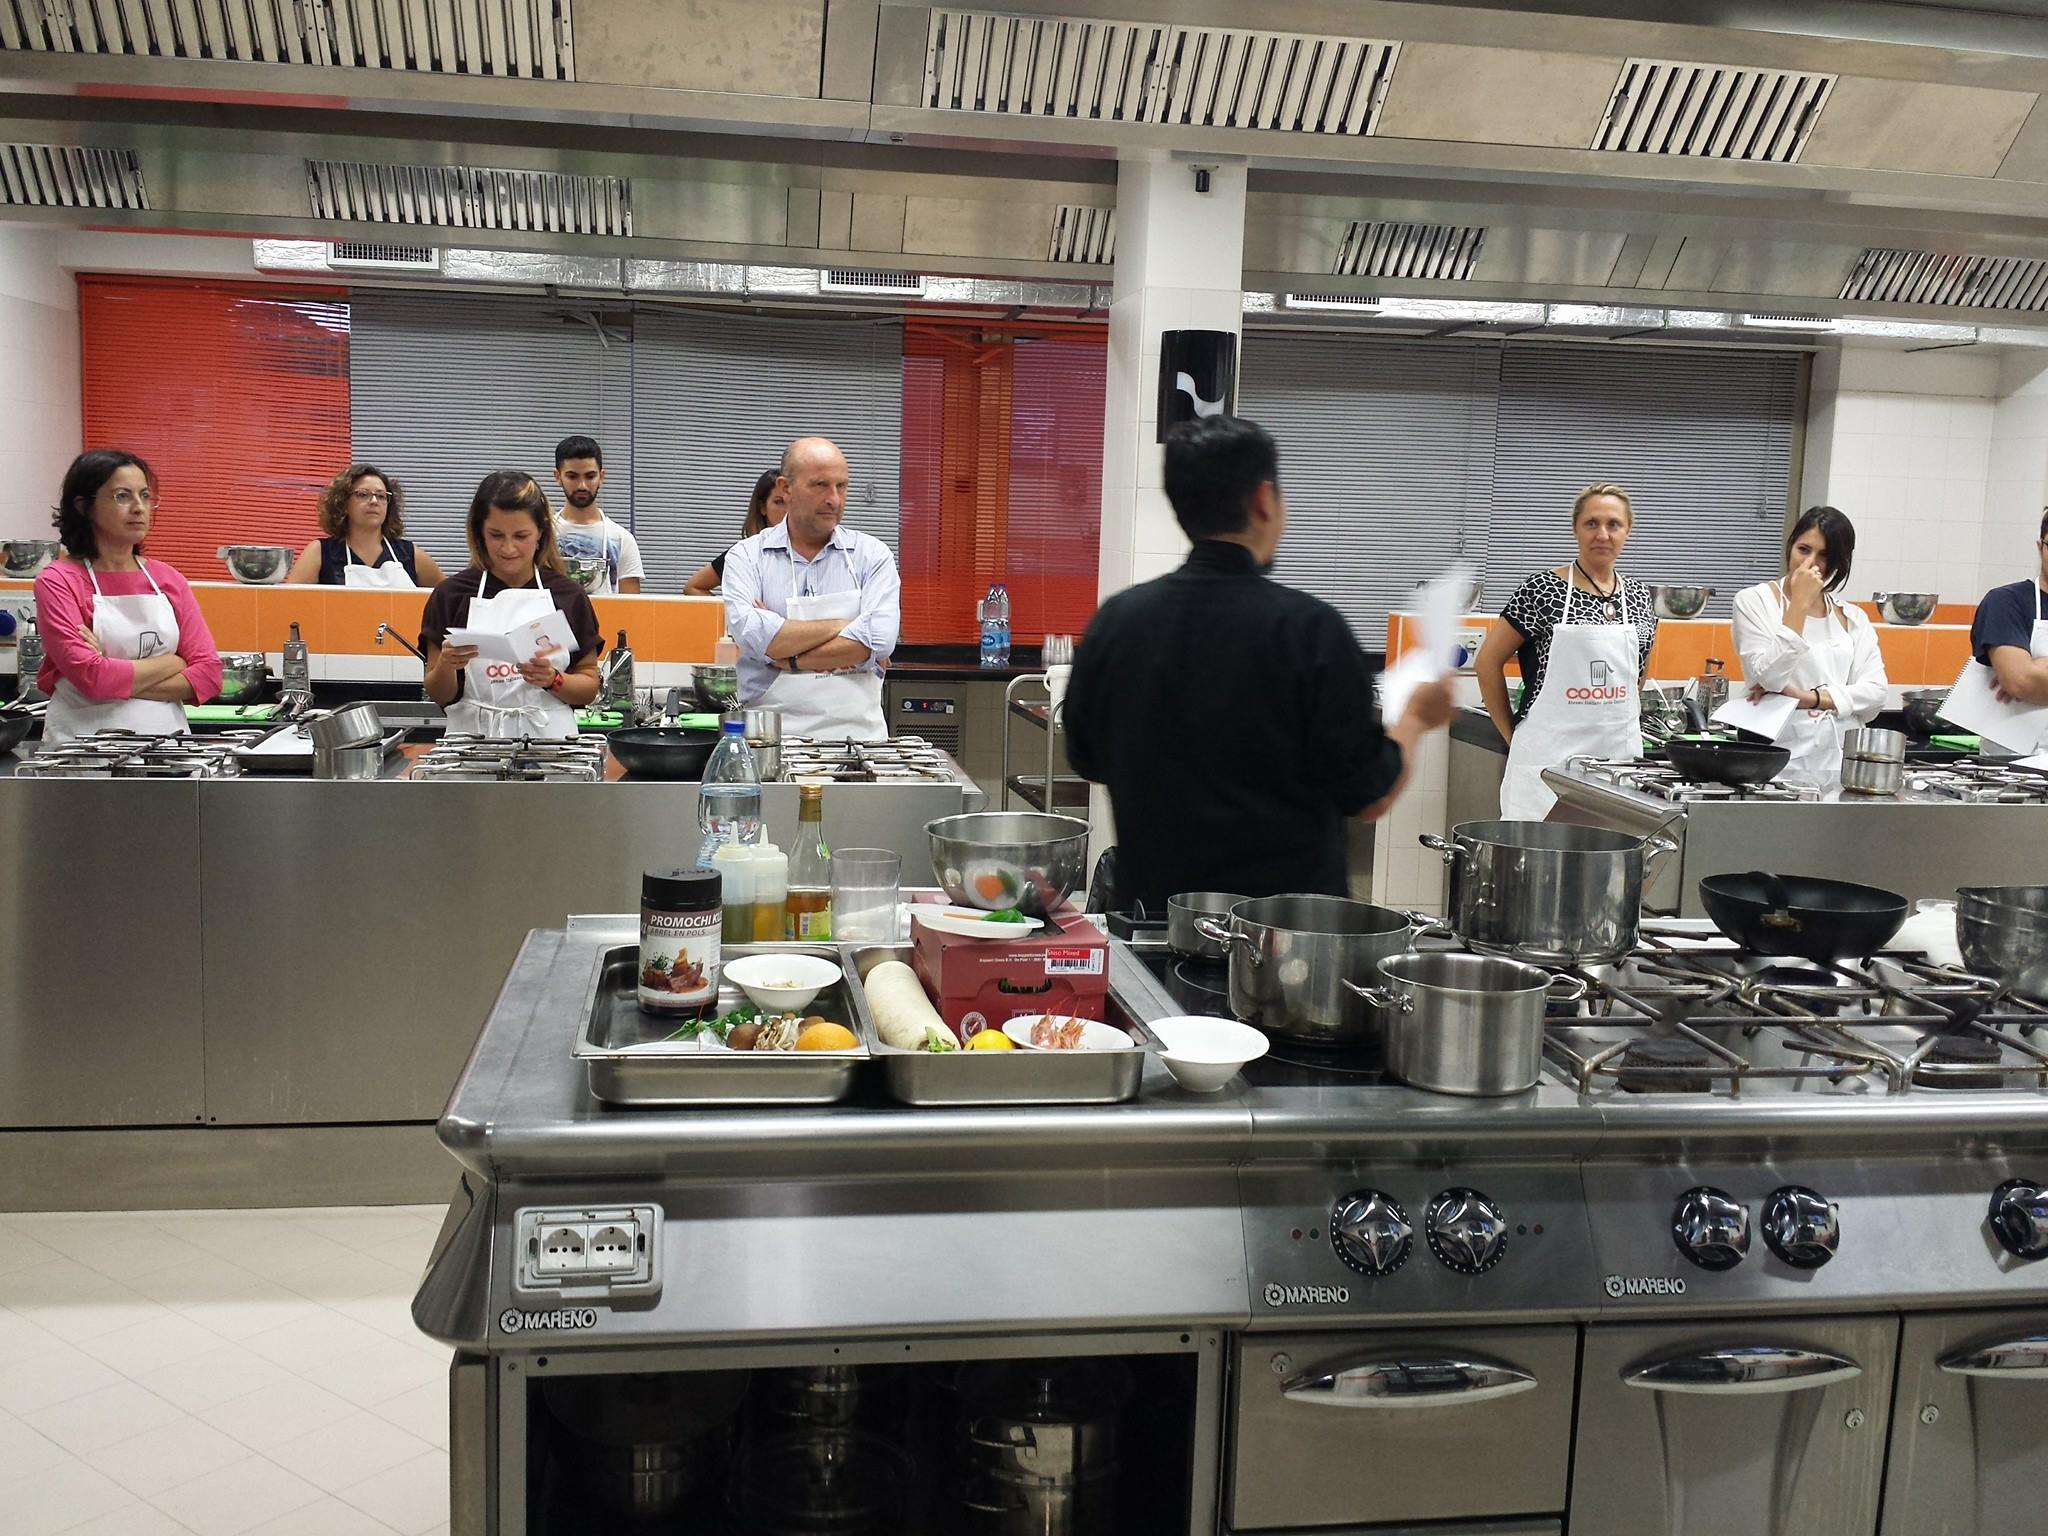 5 buoni motivi per frequentare un corso di cucina professionale autori fanpage - Cucina fan page ...